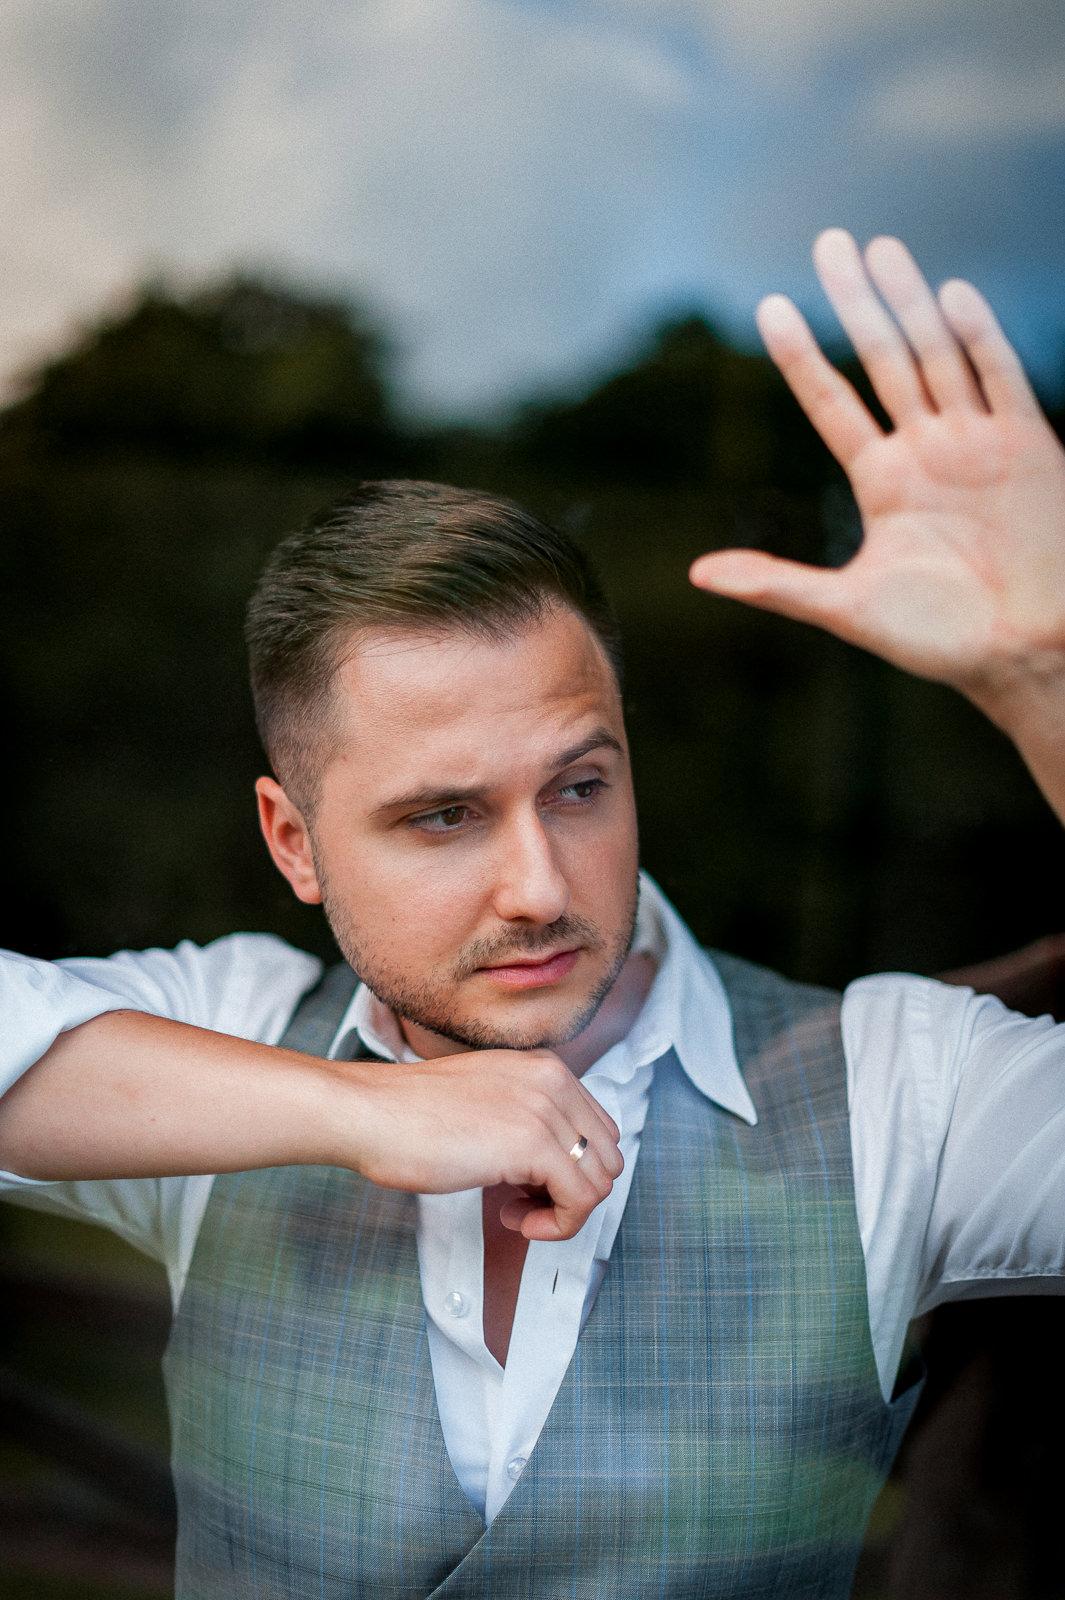 potret pana młodego fotograf-weselny-Elbląg-fotografia-ślubna-Elbląg-sesja-ślubna-Elbląg